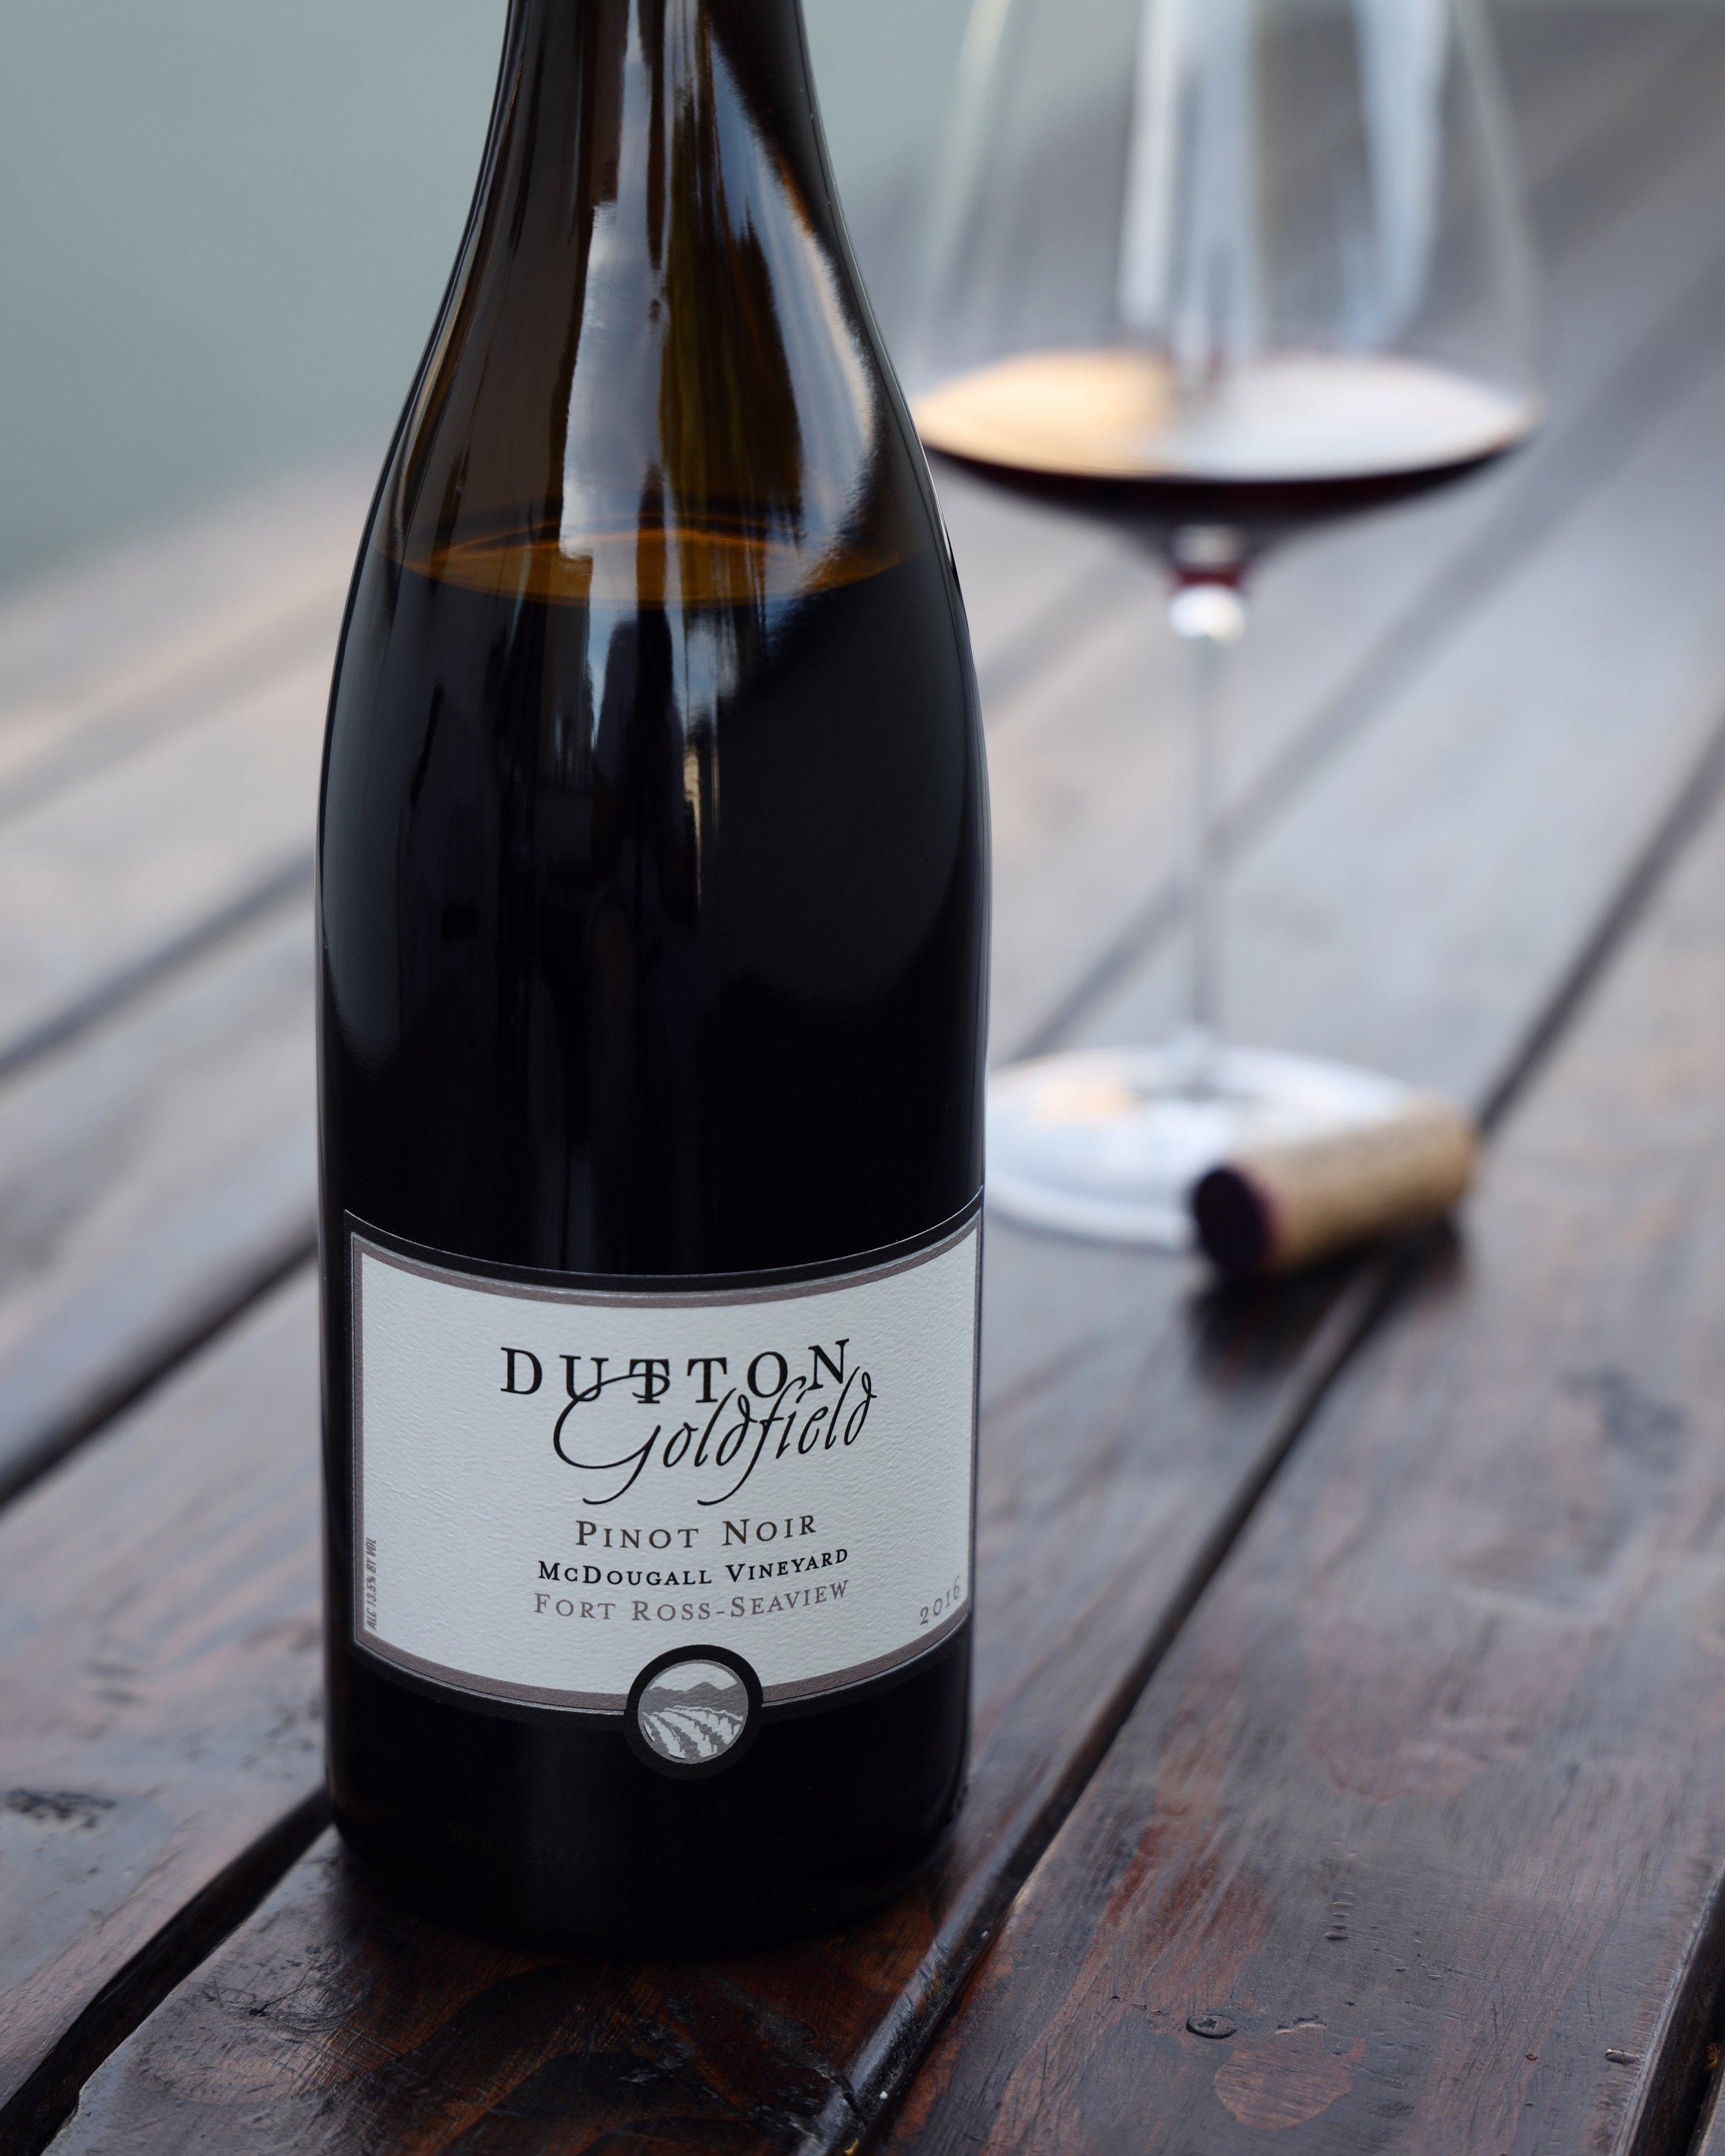 Dutton Goldfield For Ross-Seaview Pinot Noir.jpg